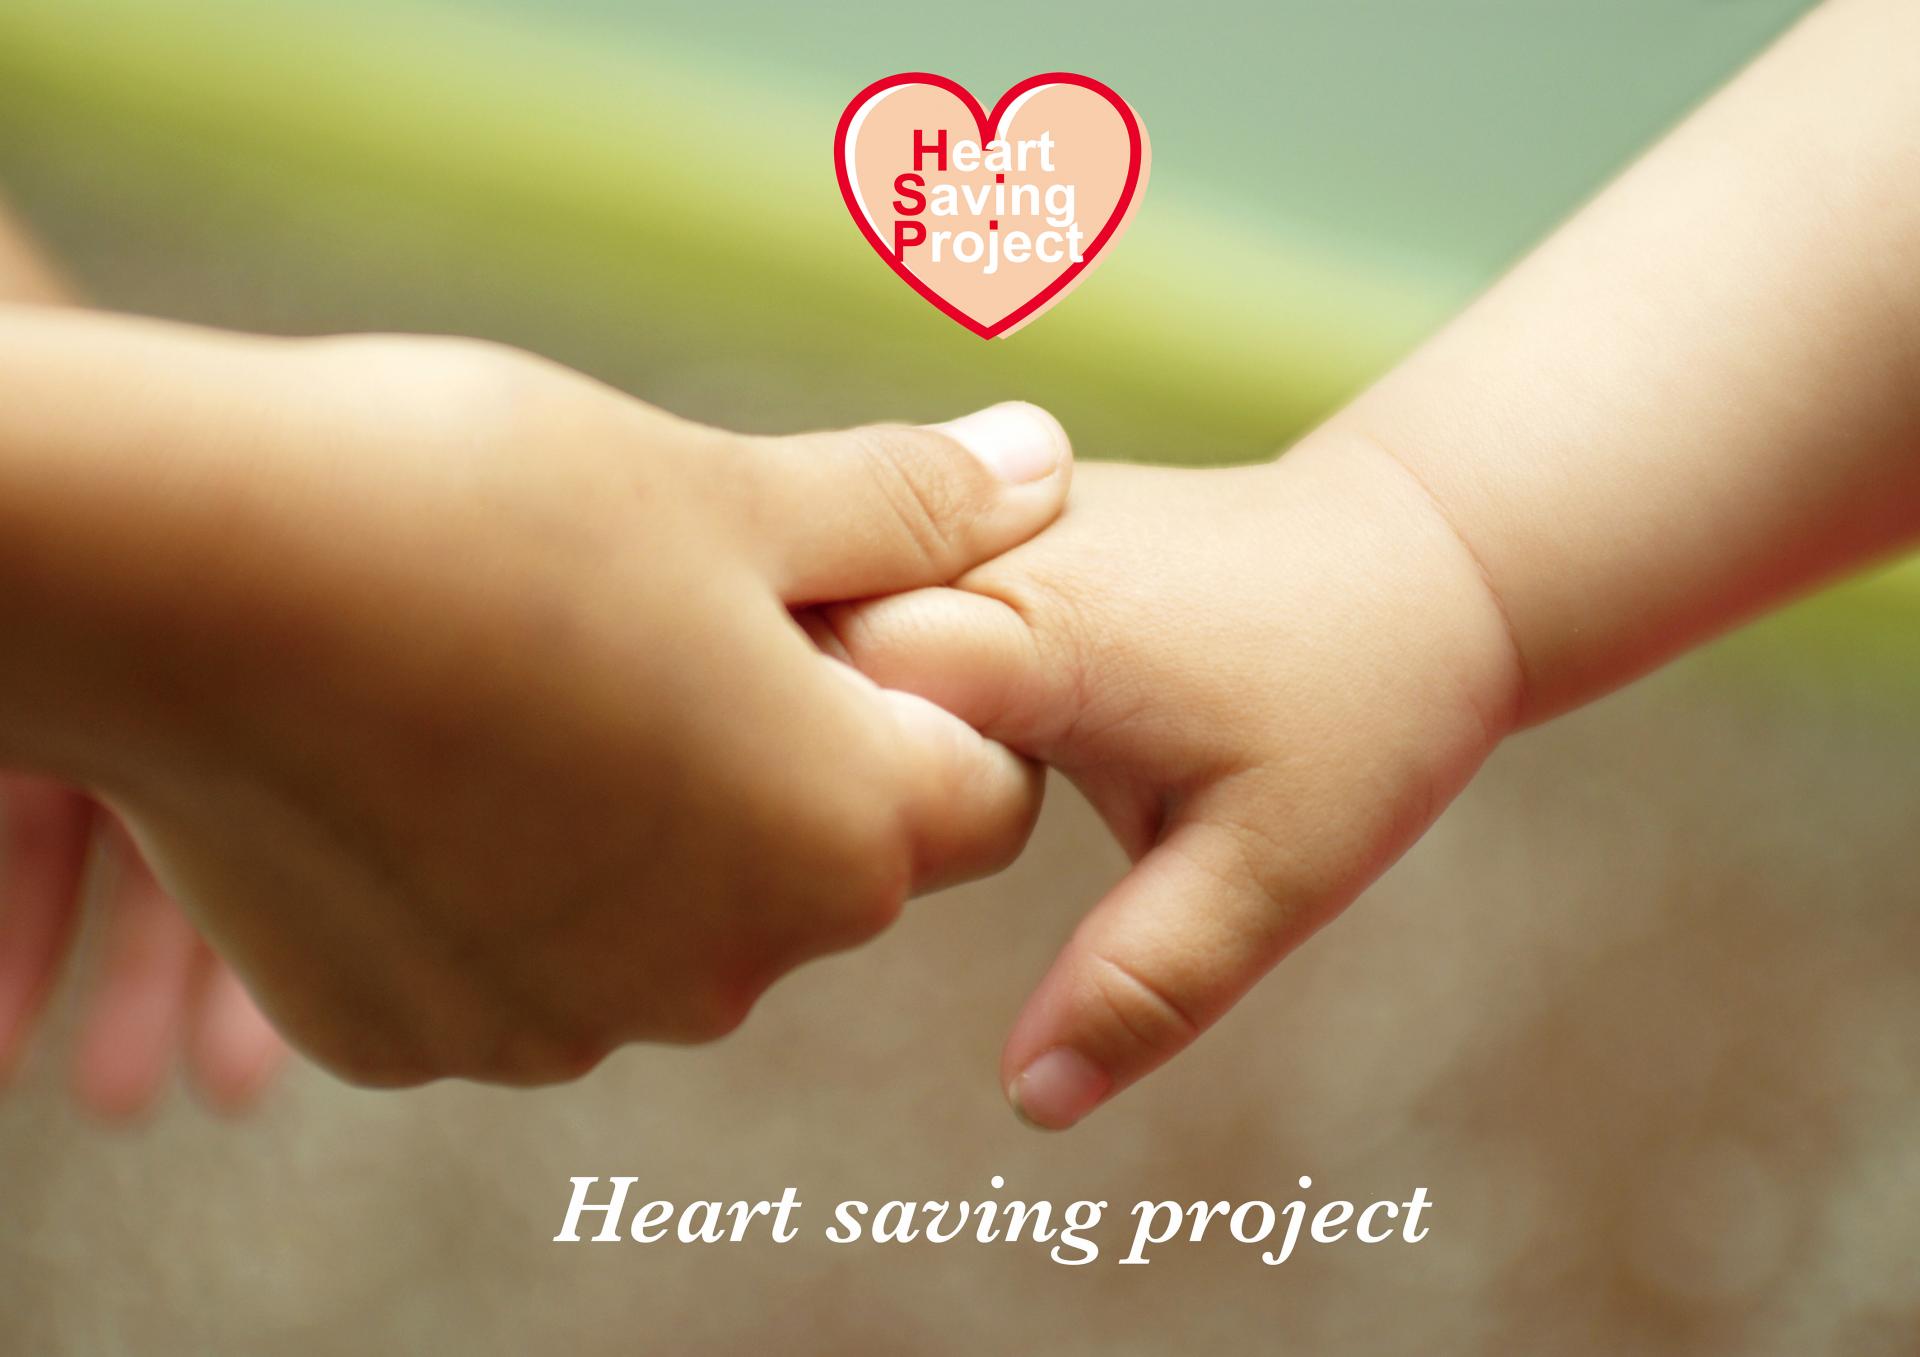 Зүрх хамгаалах төсөл ТББ